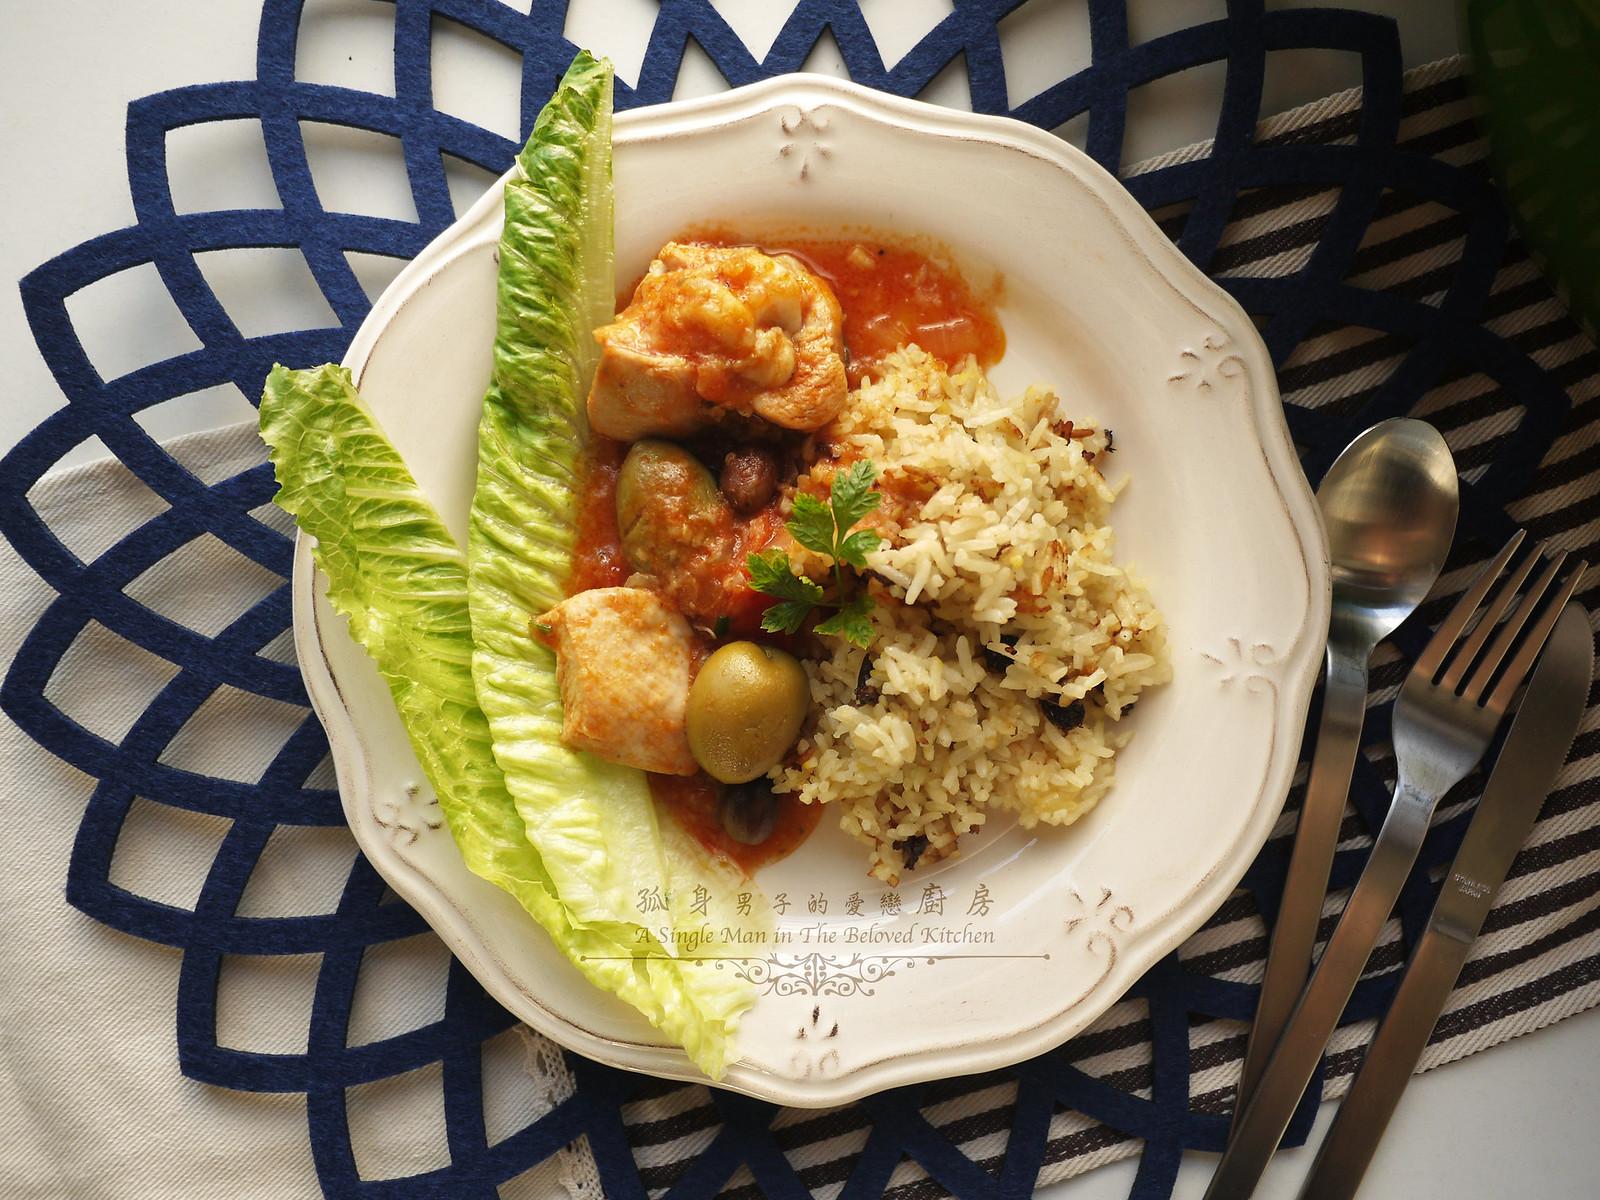 孤身廚房-蕃茄橄欖燴雞肉佐番紅花香米39